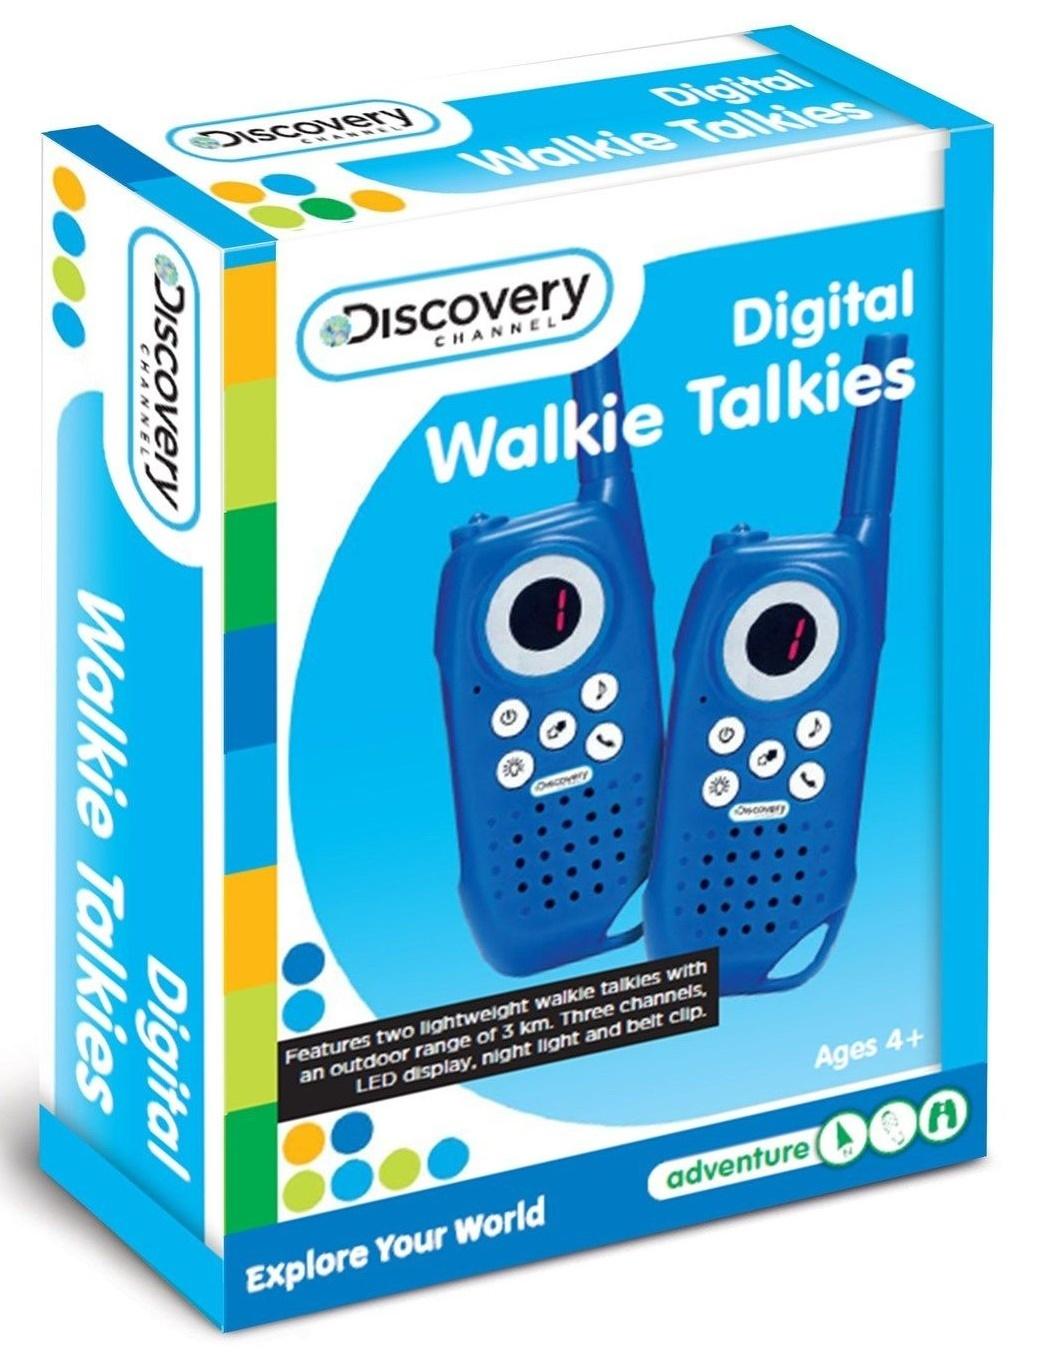 Discovery Kids - Digital Walkie Talkies image